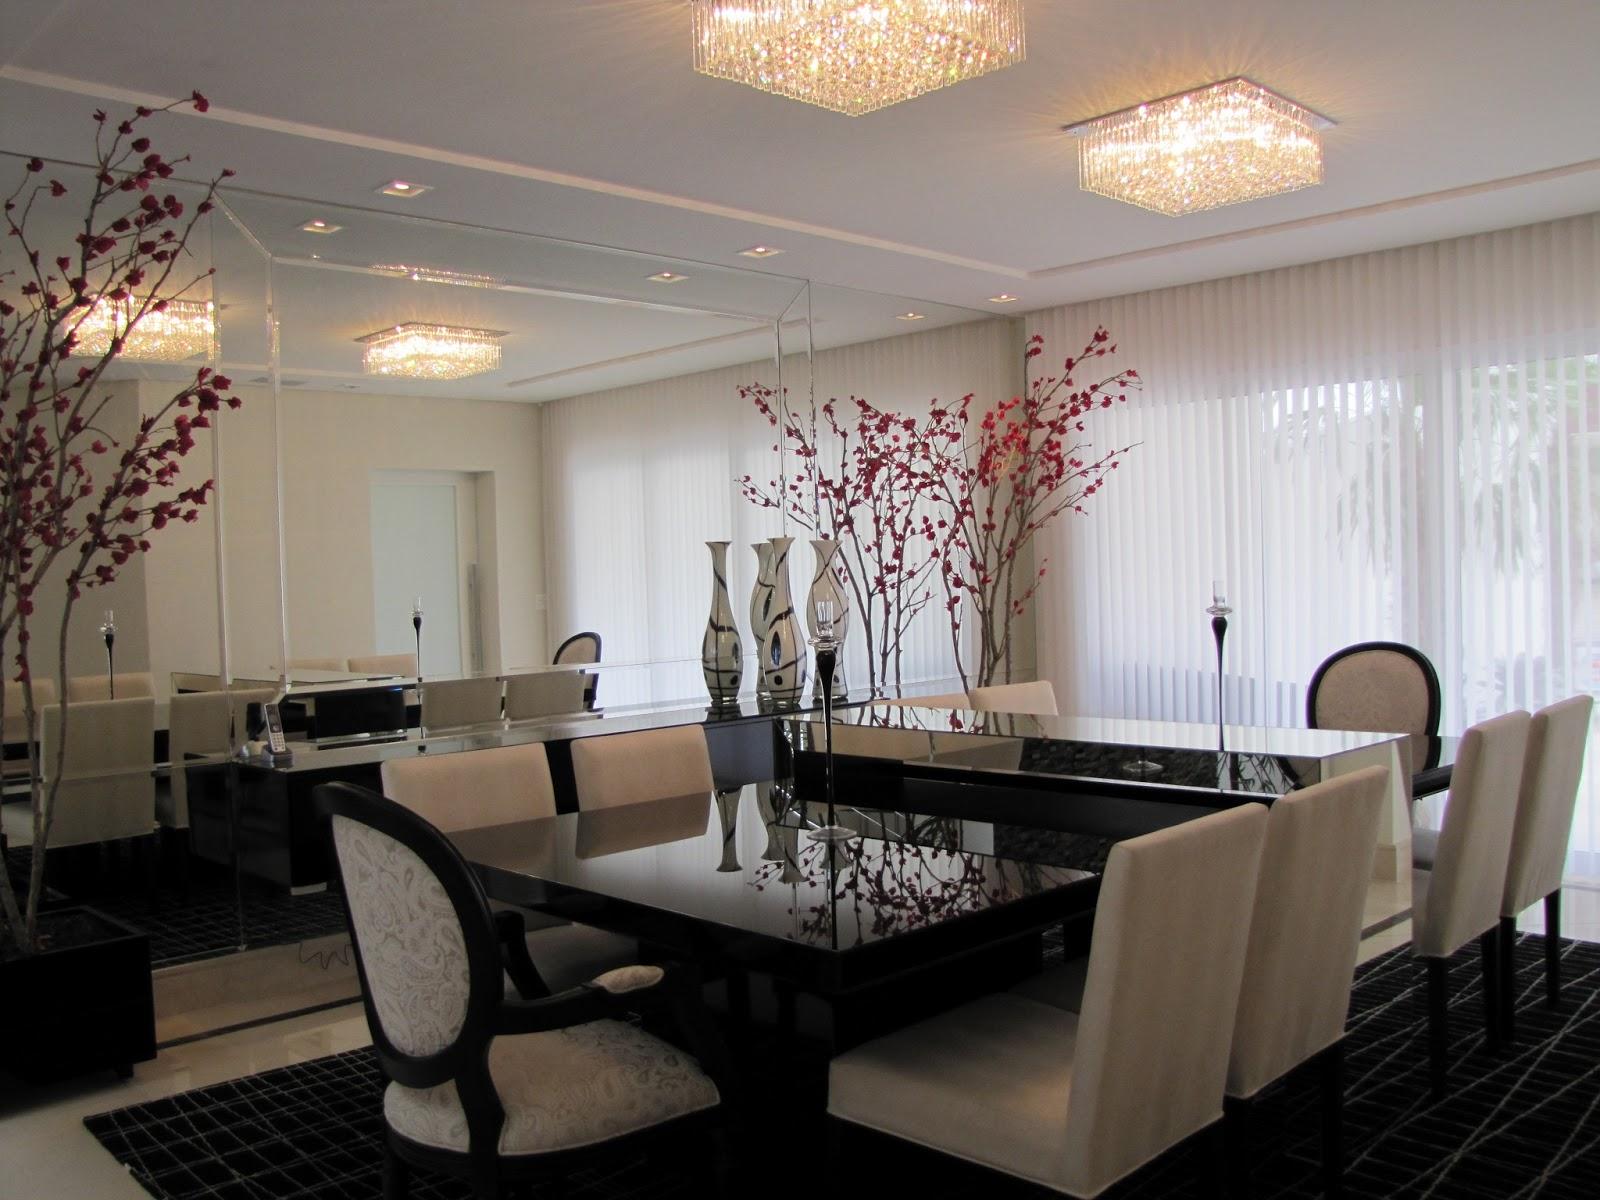 #966835 sala de jantar e estar pequenas no mesmo ambienteIdéias de  1600x1200 píxeis em Decoração De Sala De Estar Com Espelhos